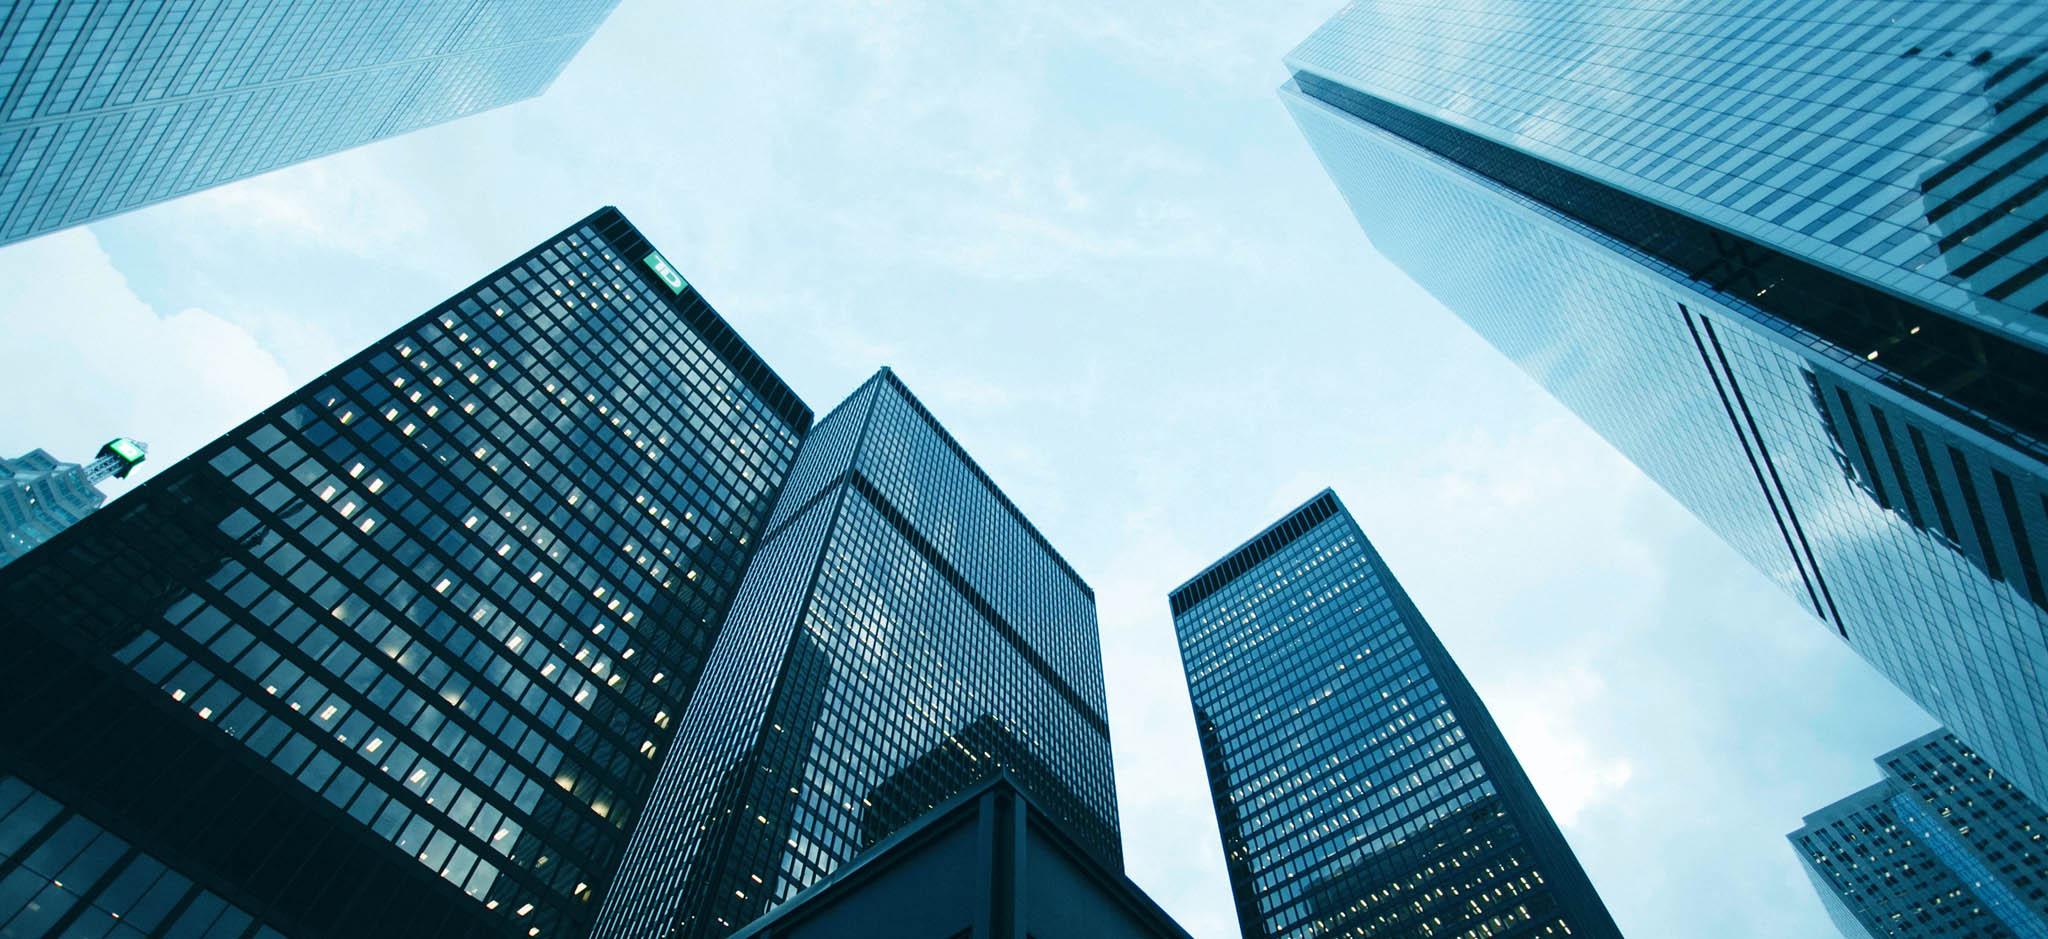 Making buildings carbon sinks